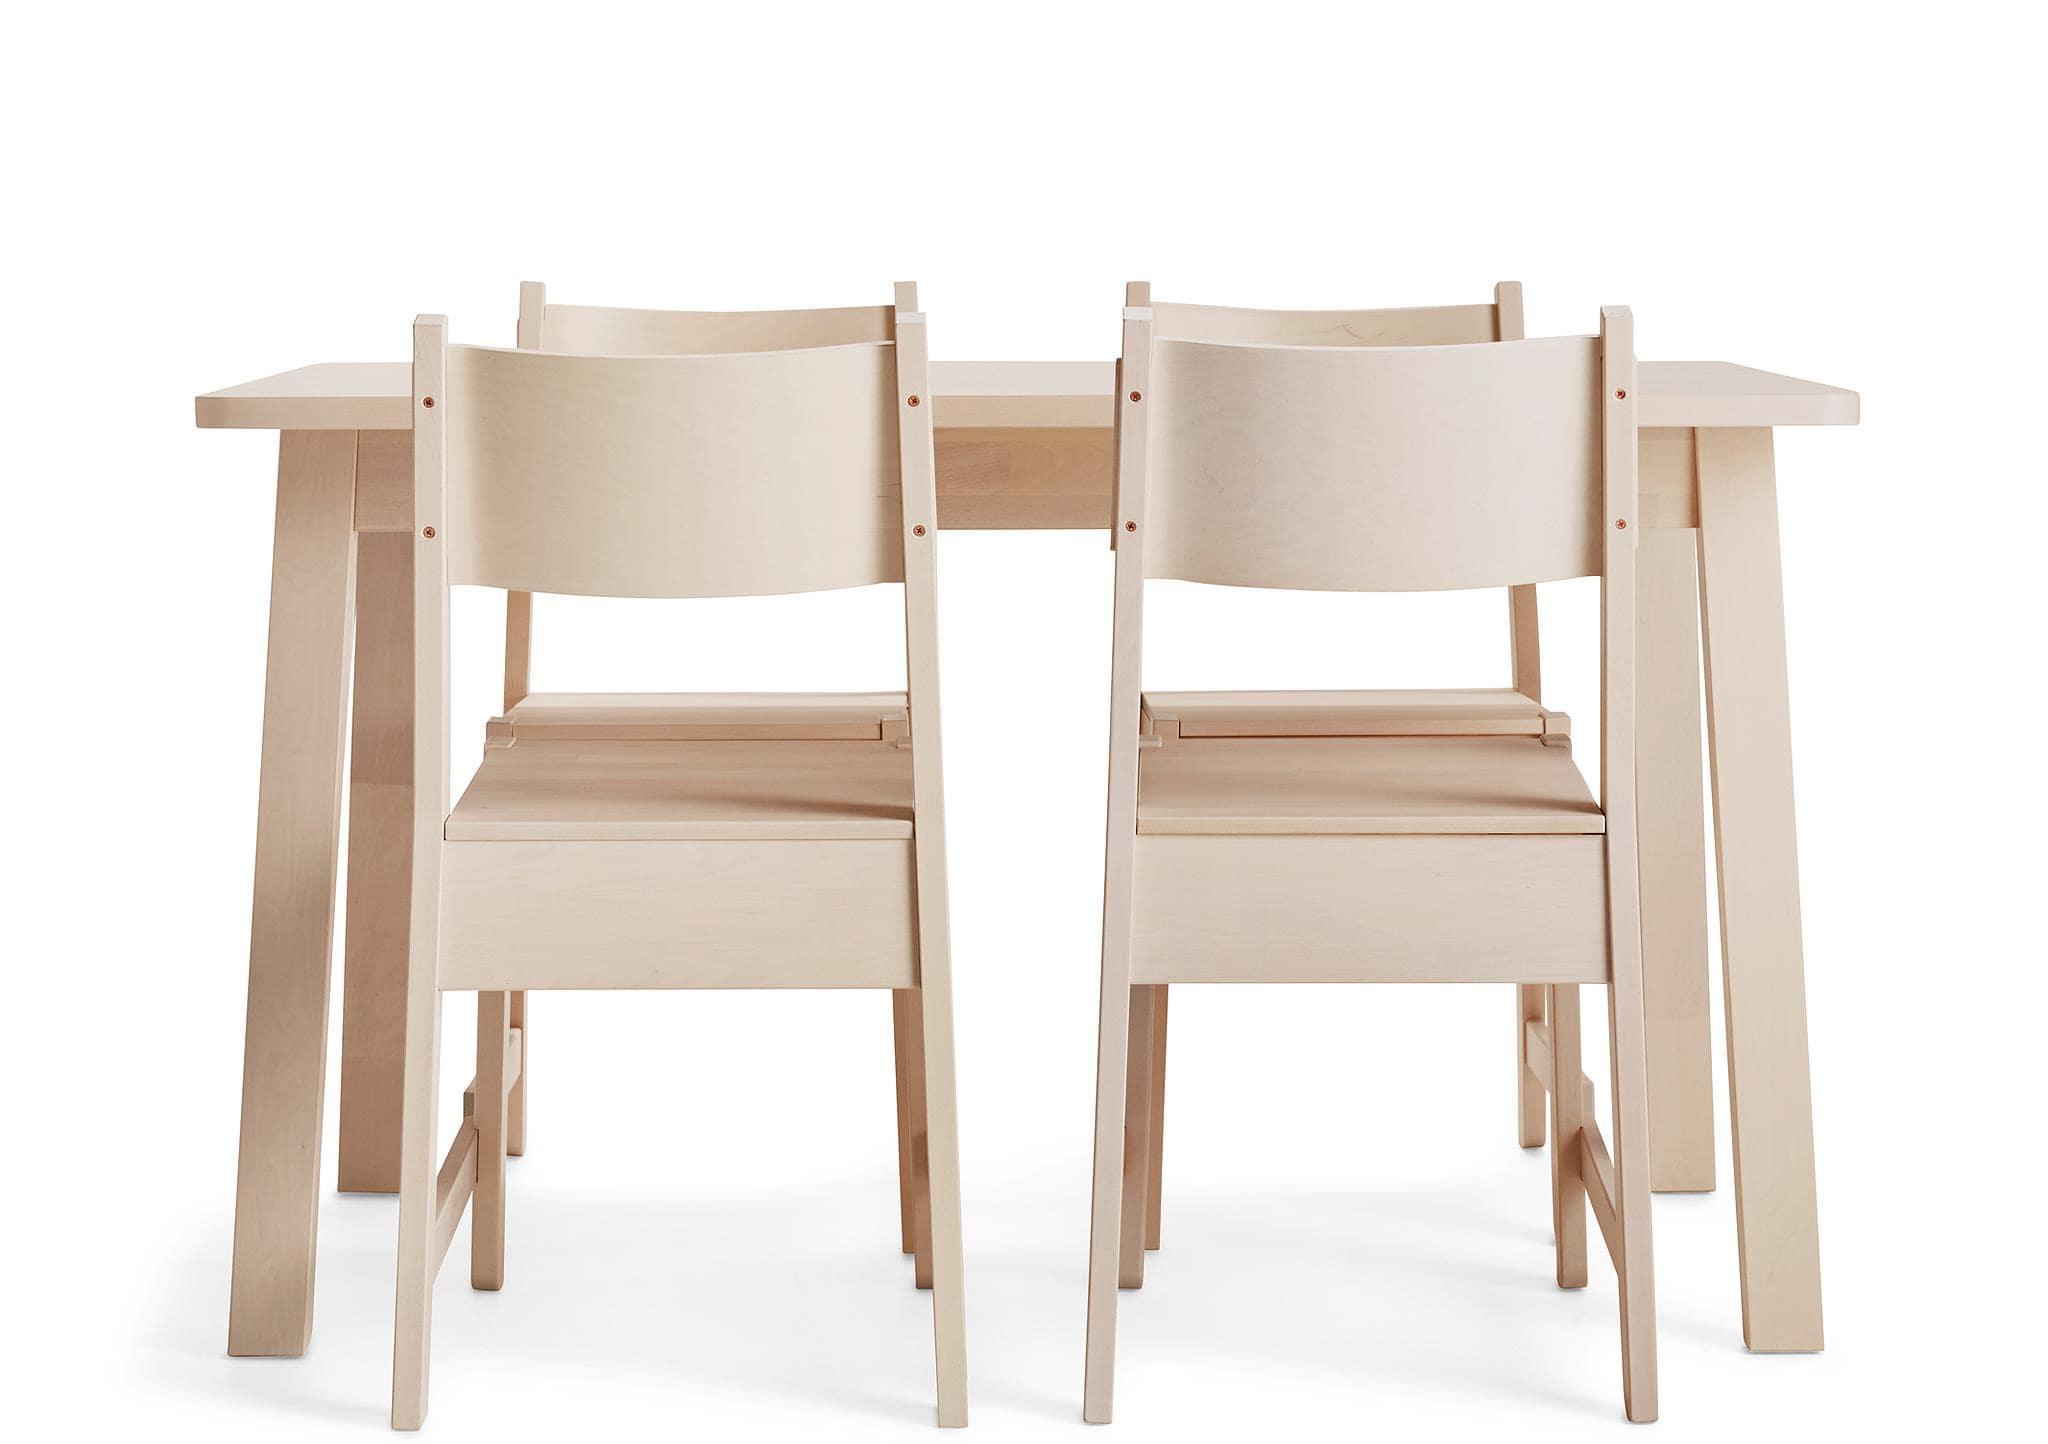 Mesas De Comedor Ikea Nkde Conjuntos De Edor Mesas Y Sillas Pra Online Ikea